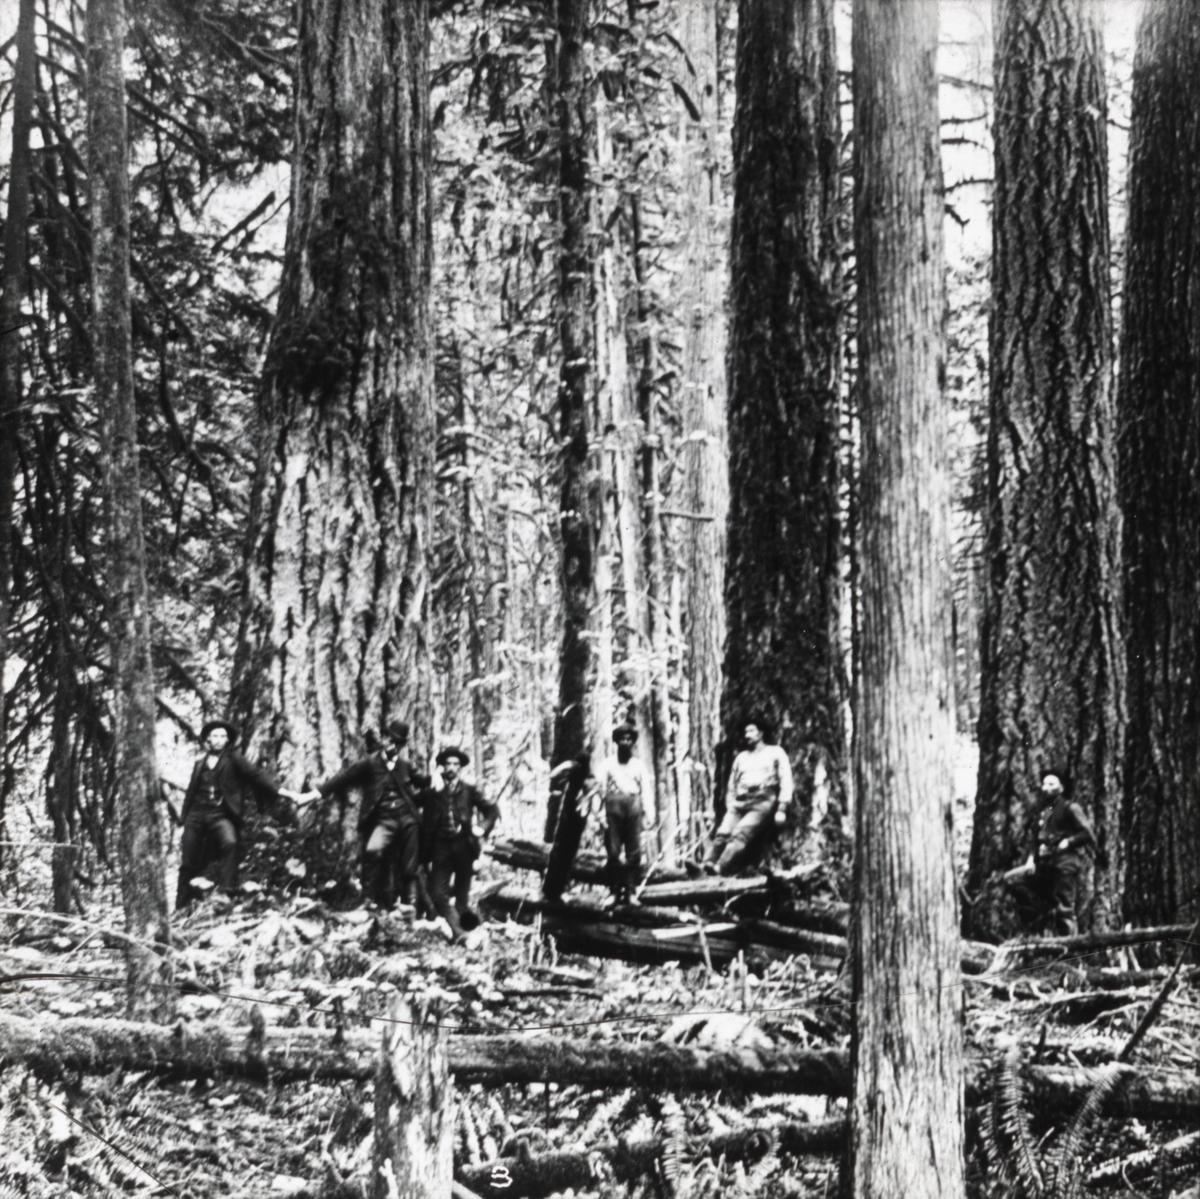 """Håndkolorert dias. Seks menn står blant store furutrær. Mindre trær ligger på bakken. .I boken """"En emigrants ungdomserindringer"""" forteller fotografen Anders Beer Wilse om sitt arbeid i U.S.A. Blant annet forteller han om utstikkingen av en jernbanelinje langs fjorden fra Puget Sound i Seattle til Tacoma. Om skogene i Washinton forteller han: .""""det var en mektig, gammel skog vi arbeidet i, med trær optil 12 fot i diameter. Og når vår linje støtte på en slik kjempe, måtte vi stikke rundt den, da det vilde tatt altfor lang tid å hugge den. Ofte lå der falne kjemper på makren med et tykt moselag over sig, mens der av og til vokste graner med røttene slynget rundt dem. Å klyve over dem var ikke alltid lett, og det resulterte i at en blev god og våt, da mosen på grunn av det så å si daglige regnvær var gjennemtrukket som svamp. Solen så vi ikke skinne hernede, det var bare når vi kom op i fjellskråningene at vi fikk noen stråler av dem."""""""